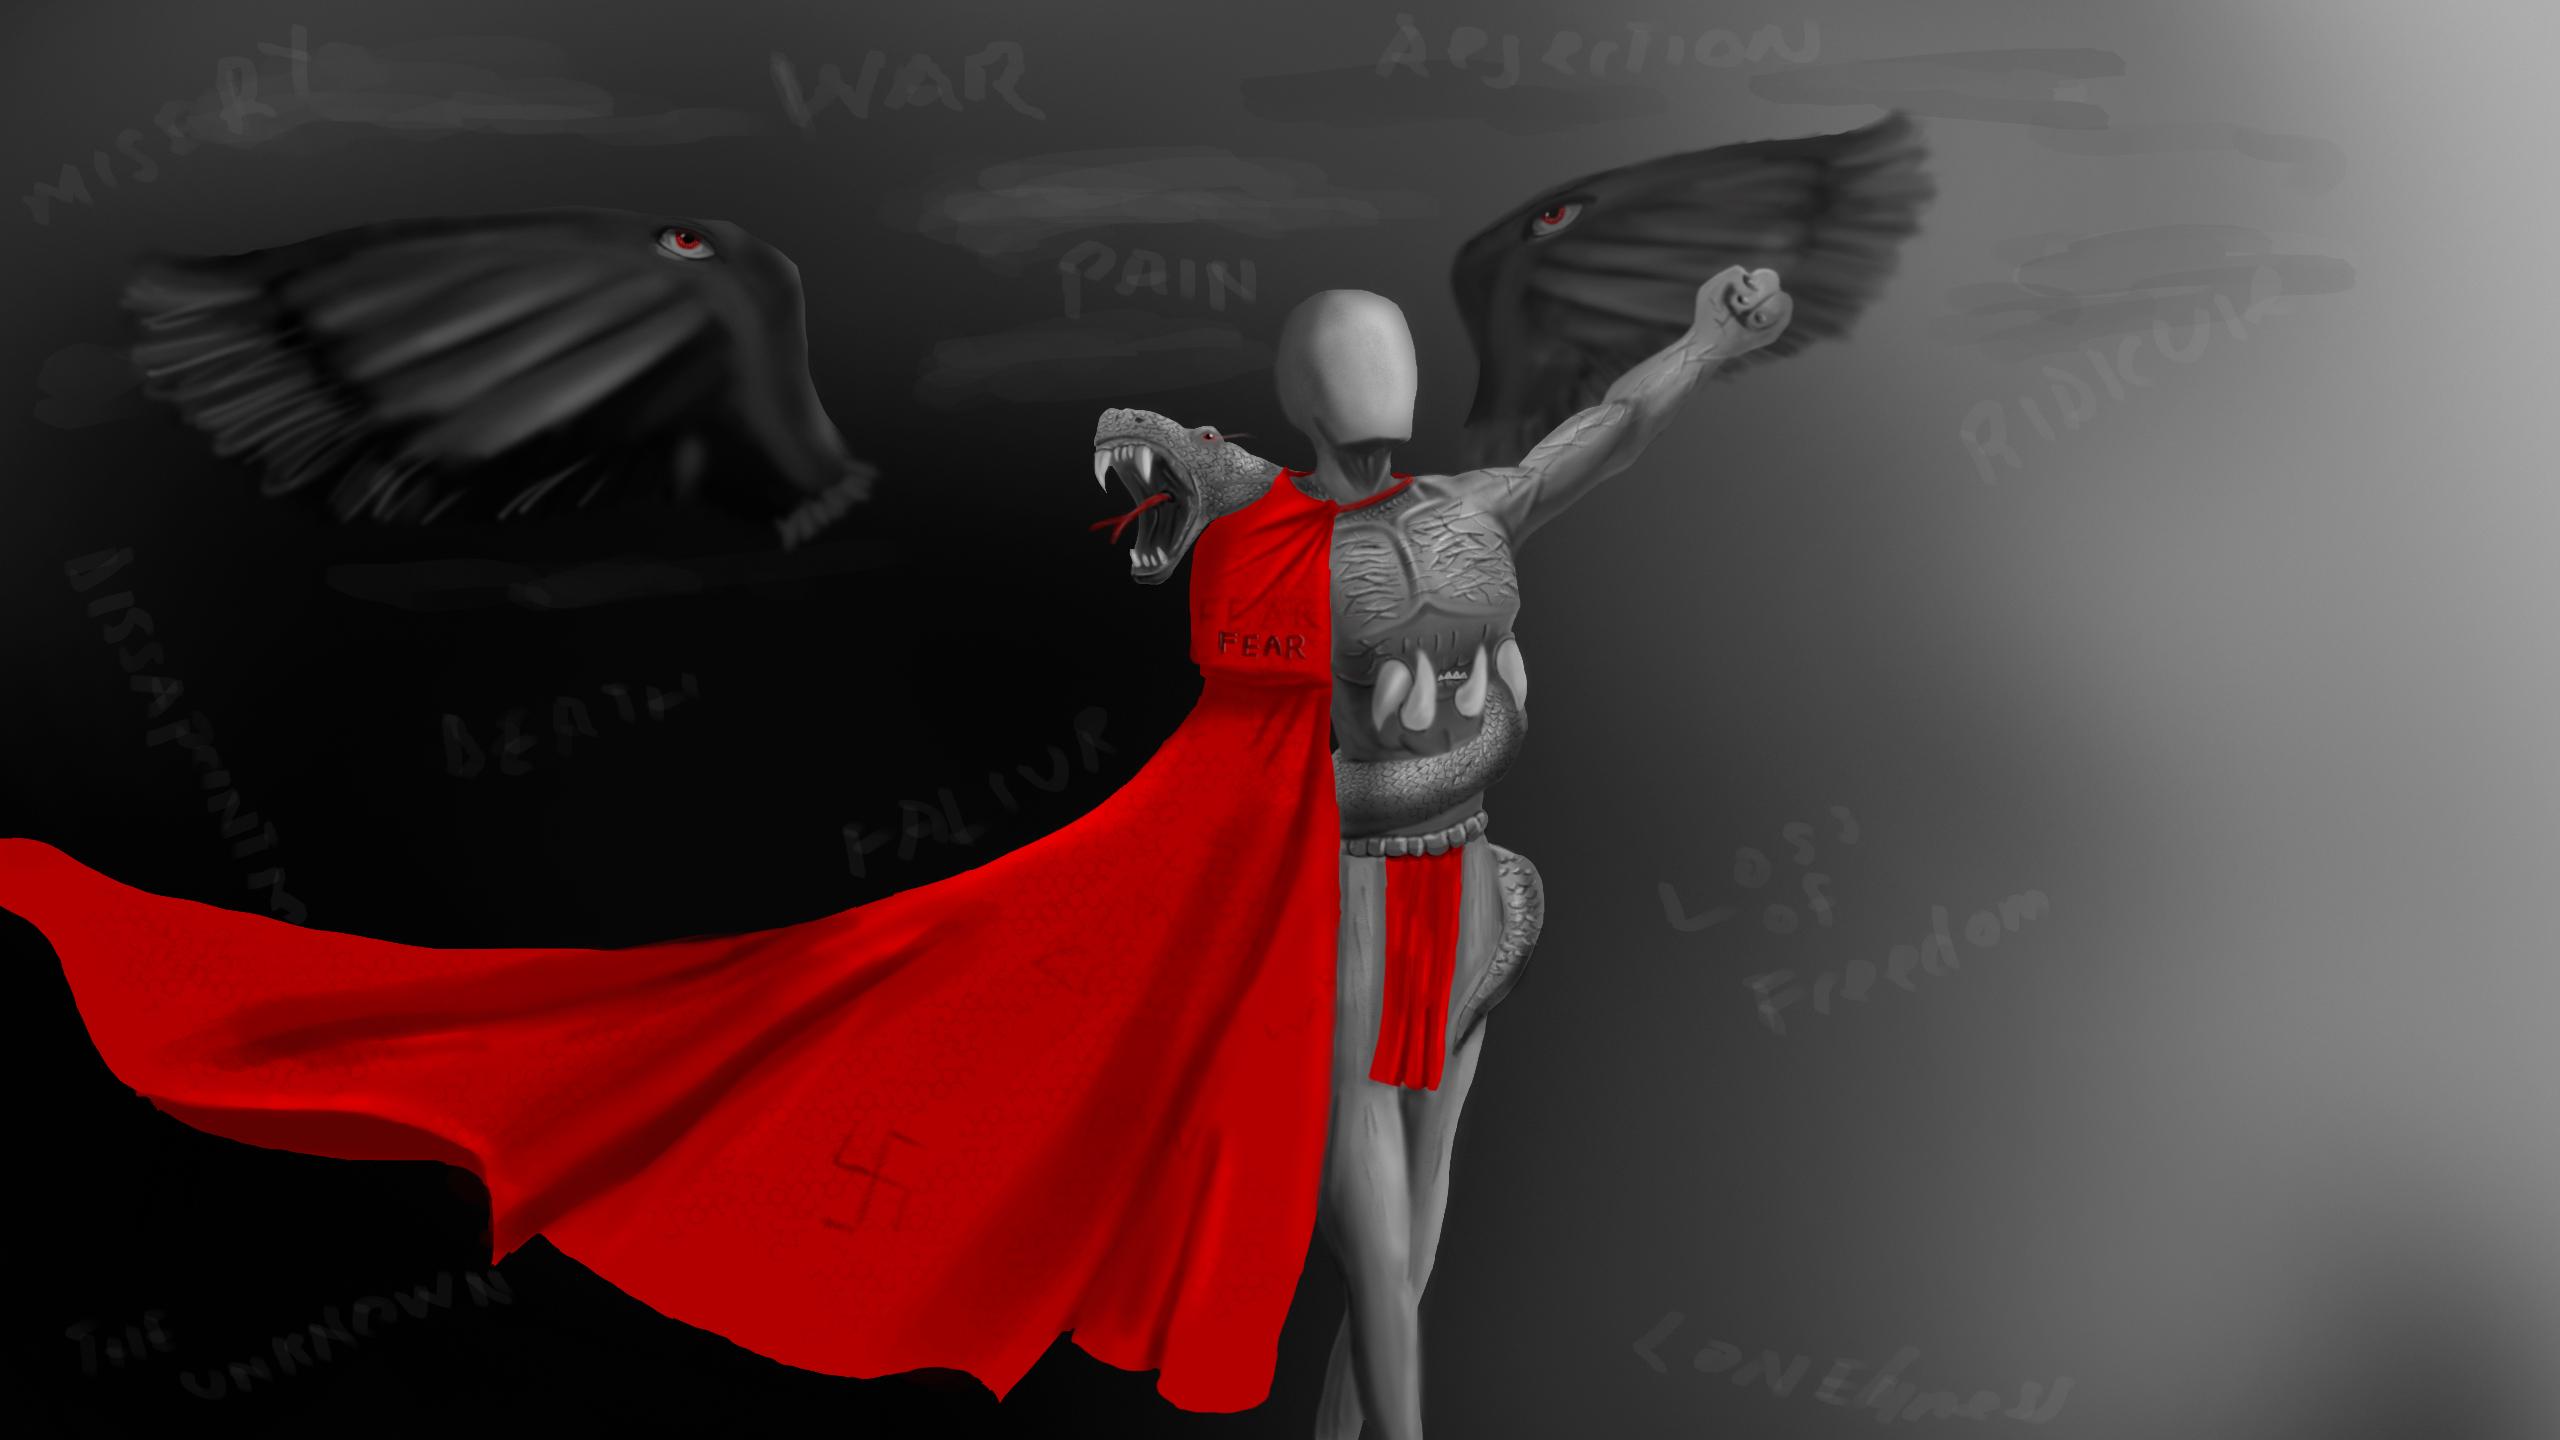 Ireul, Angel Of Fear